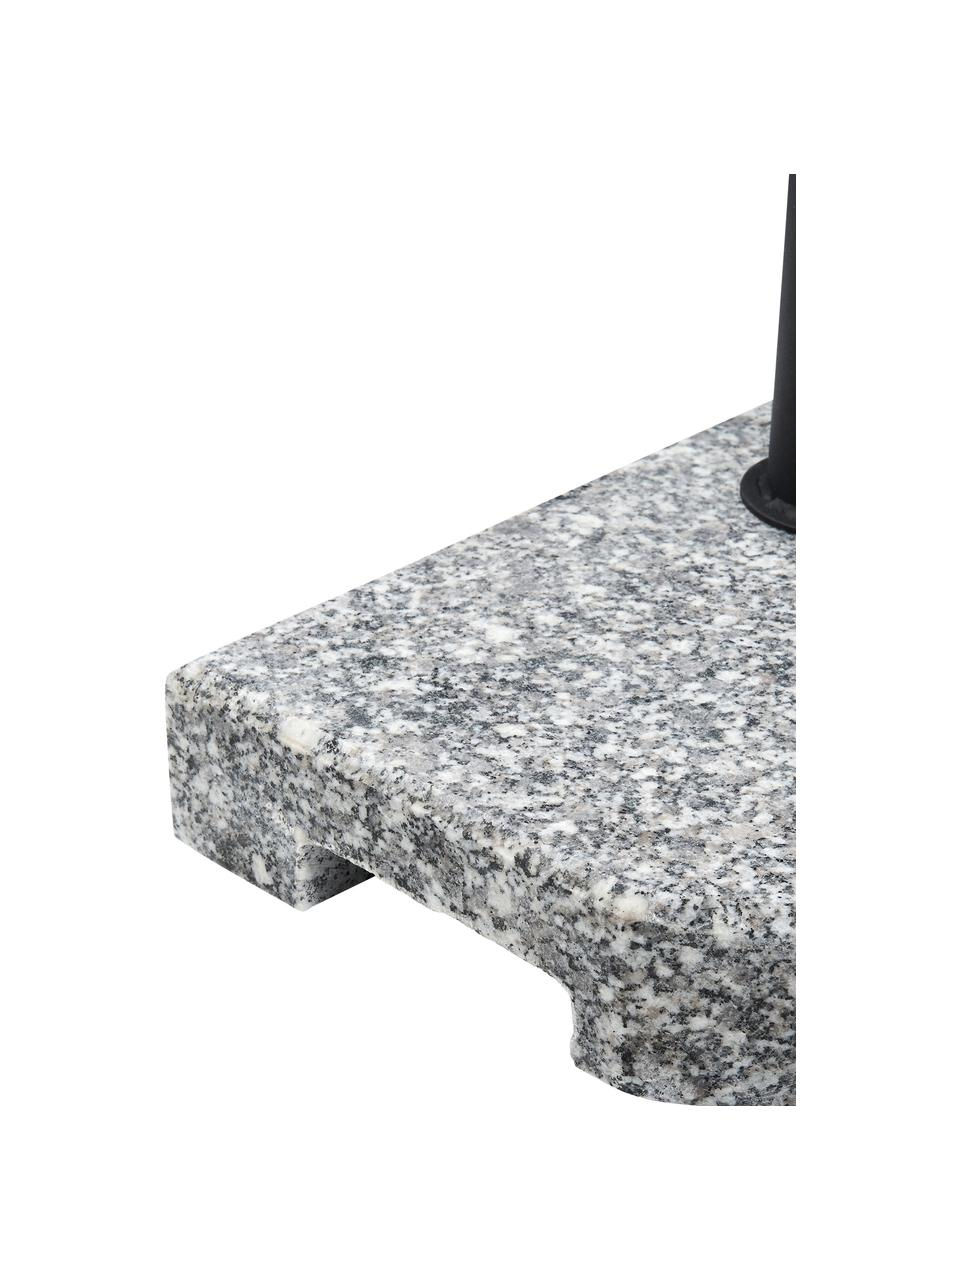 Granit Sonnenschirmständer The Rock mit Griff, Granit, Stahl, beschichtet, Grau, Schwarz, 40 x 33 cm